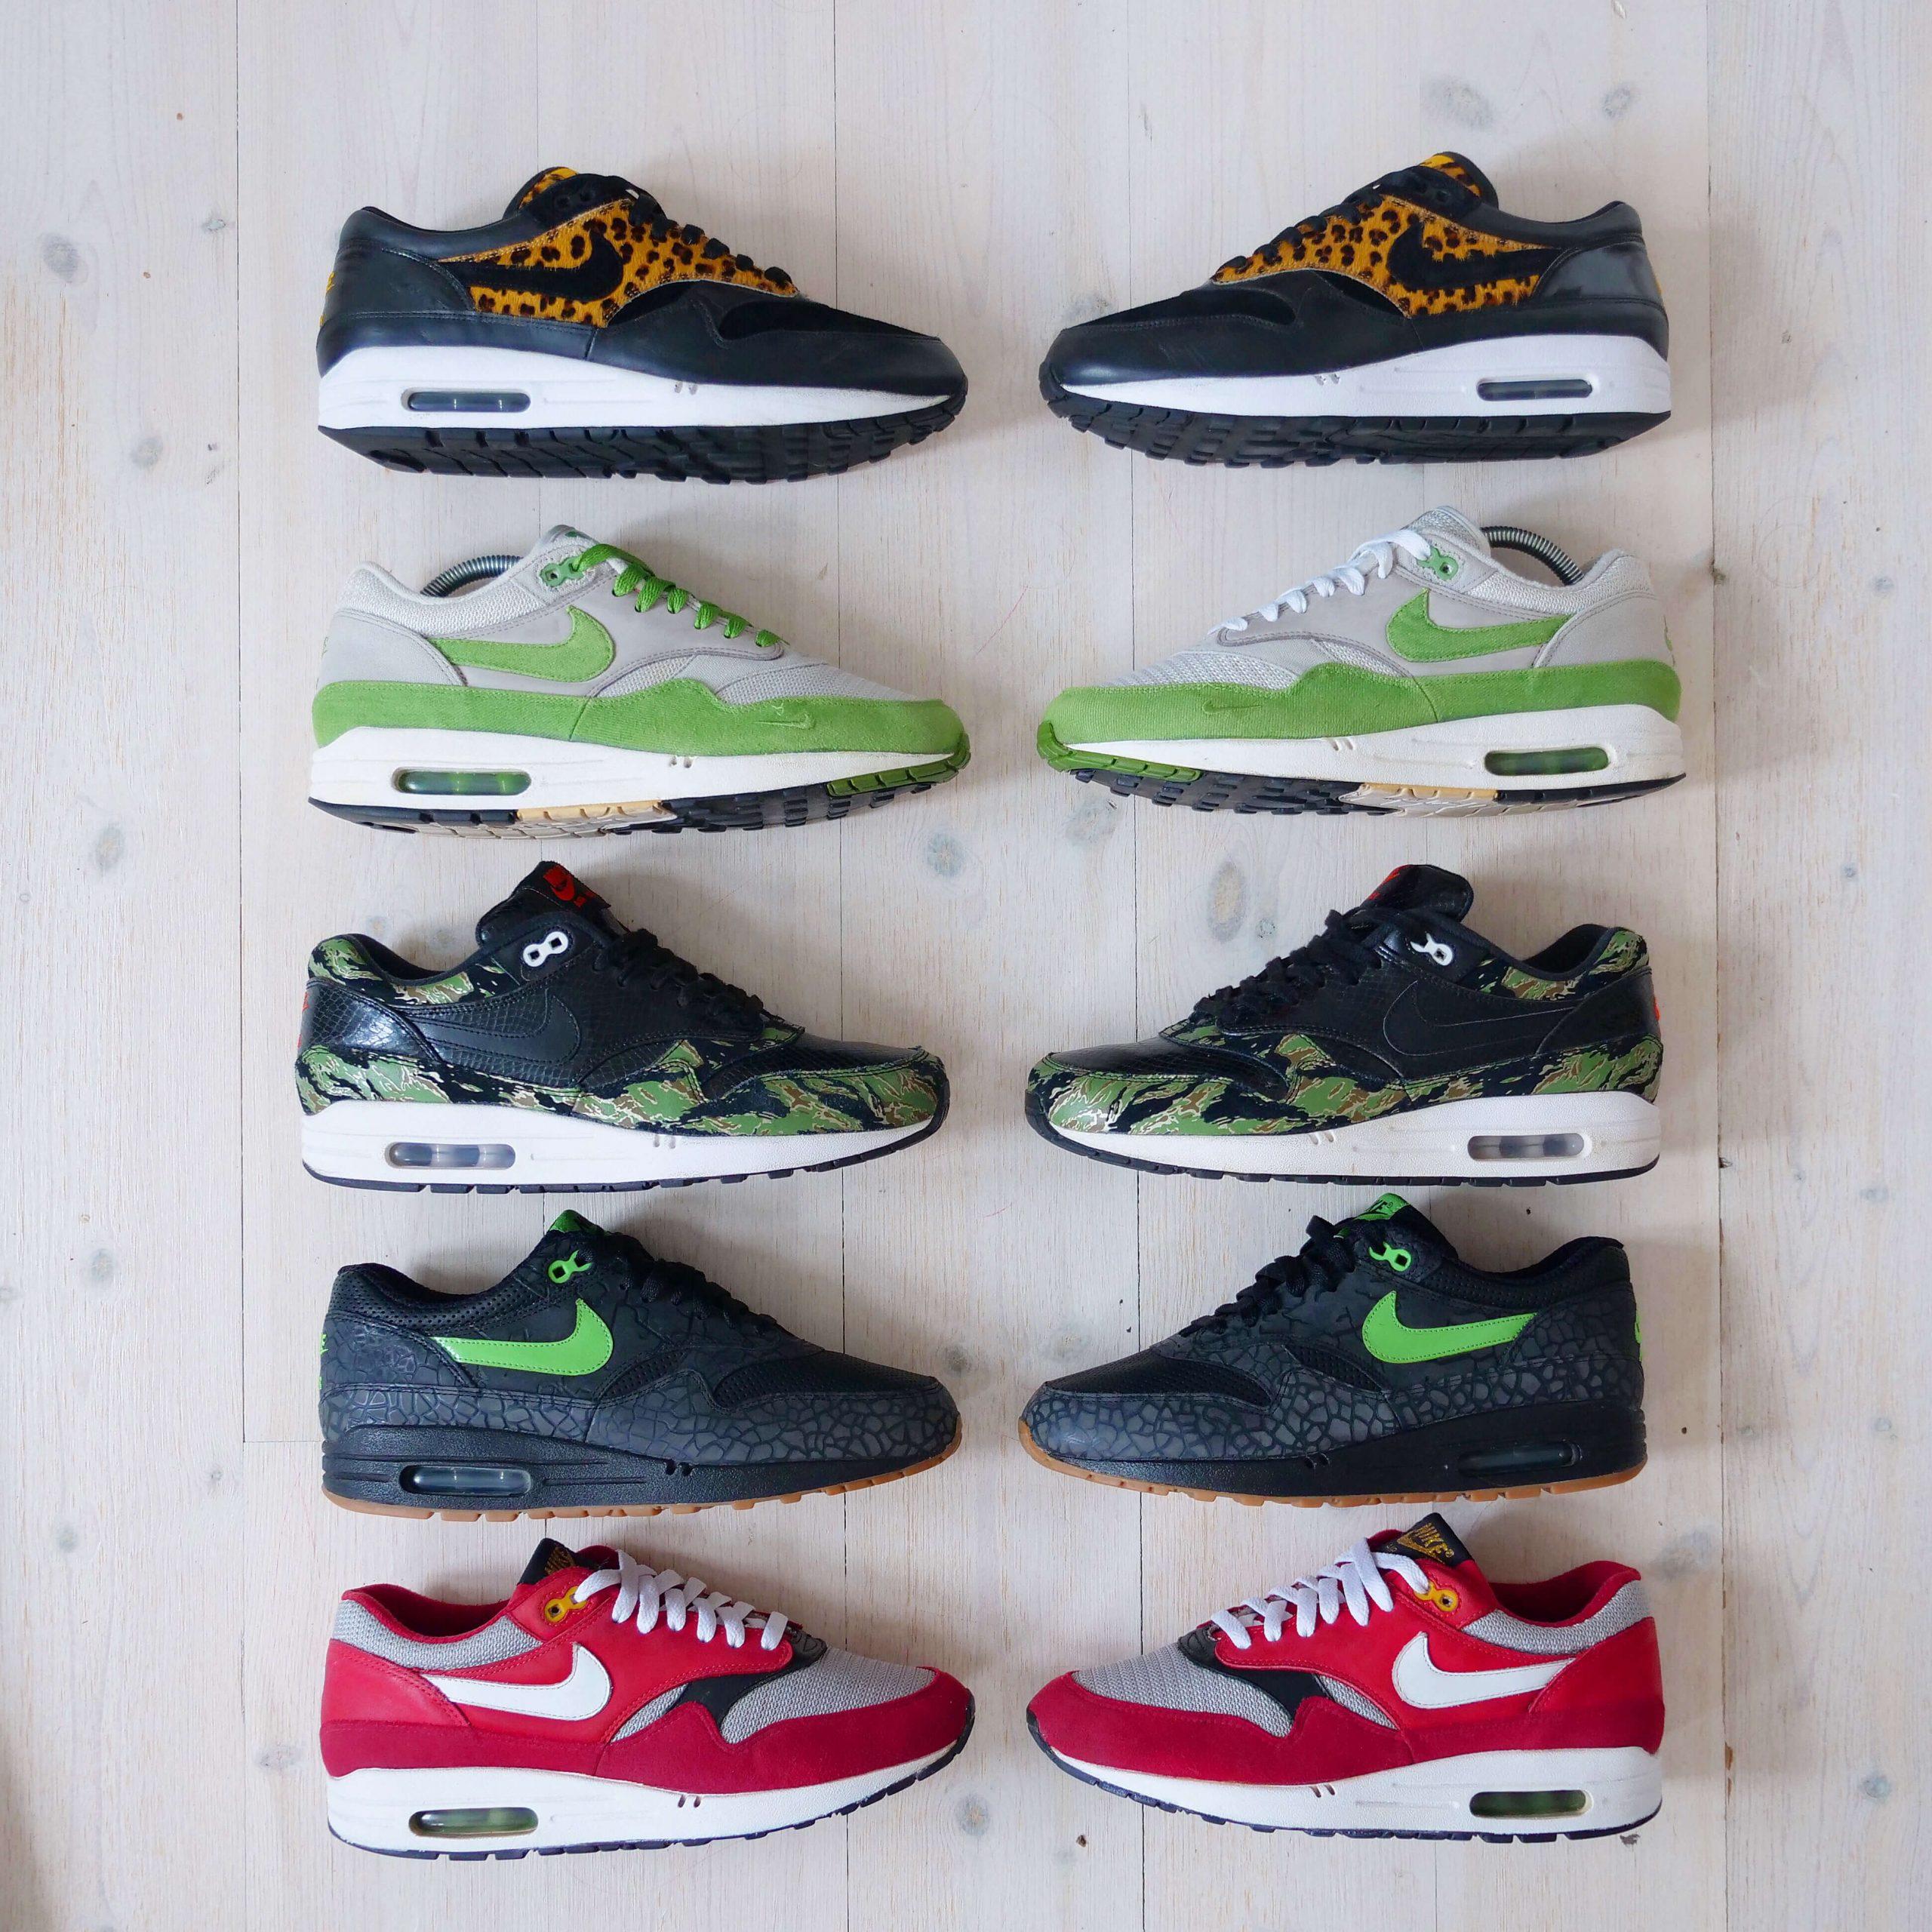 Busterhede - Nike Air Max 1 collection - sneakerfreak Sneakerplaats interview